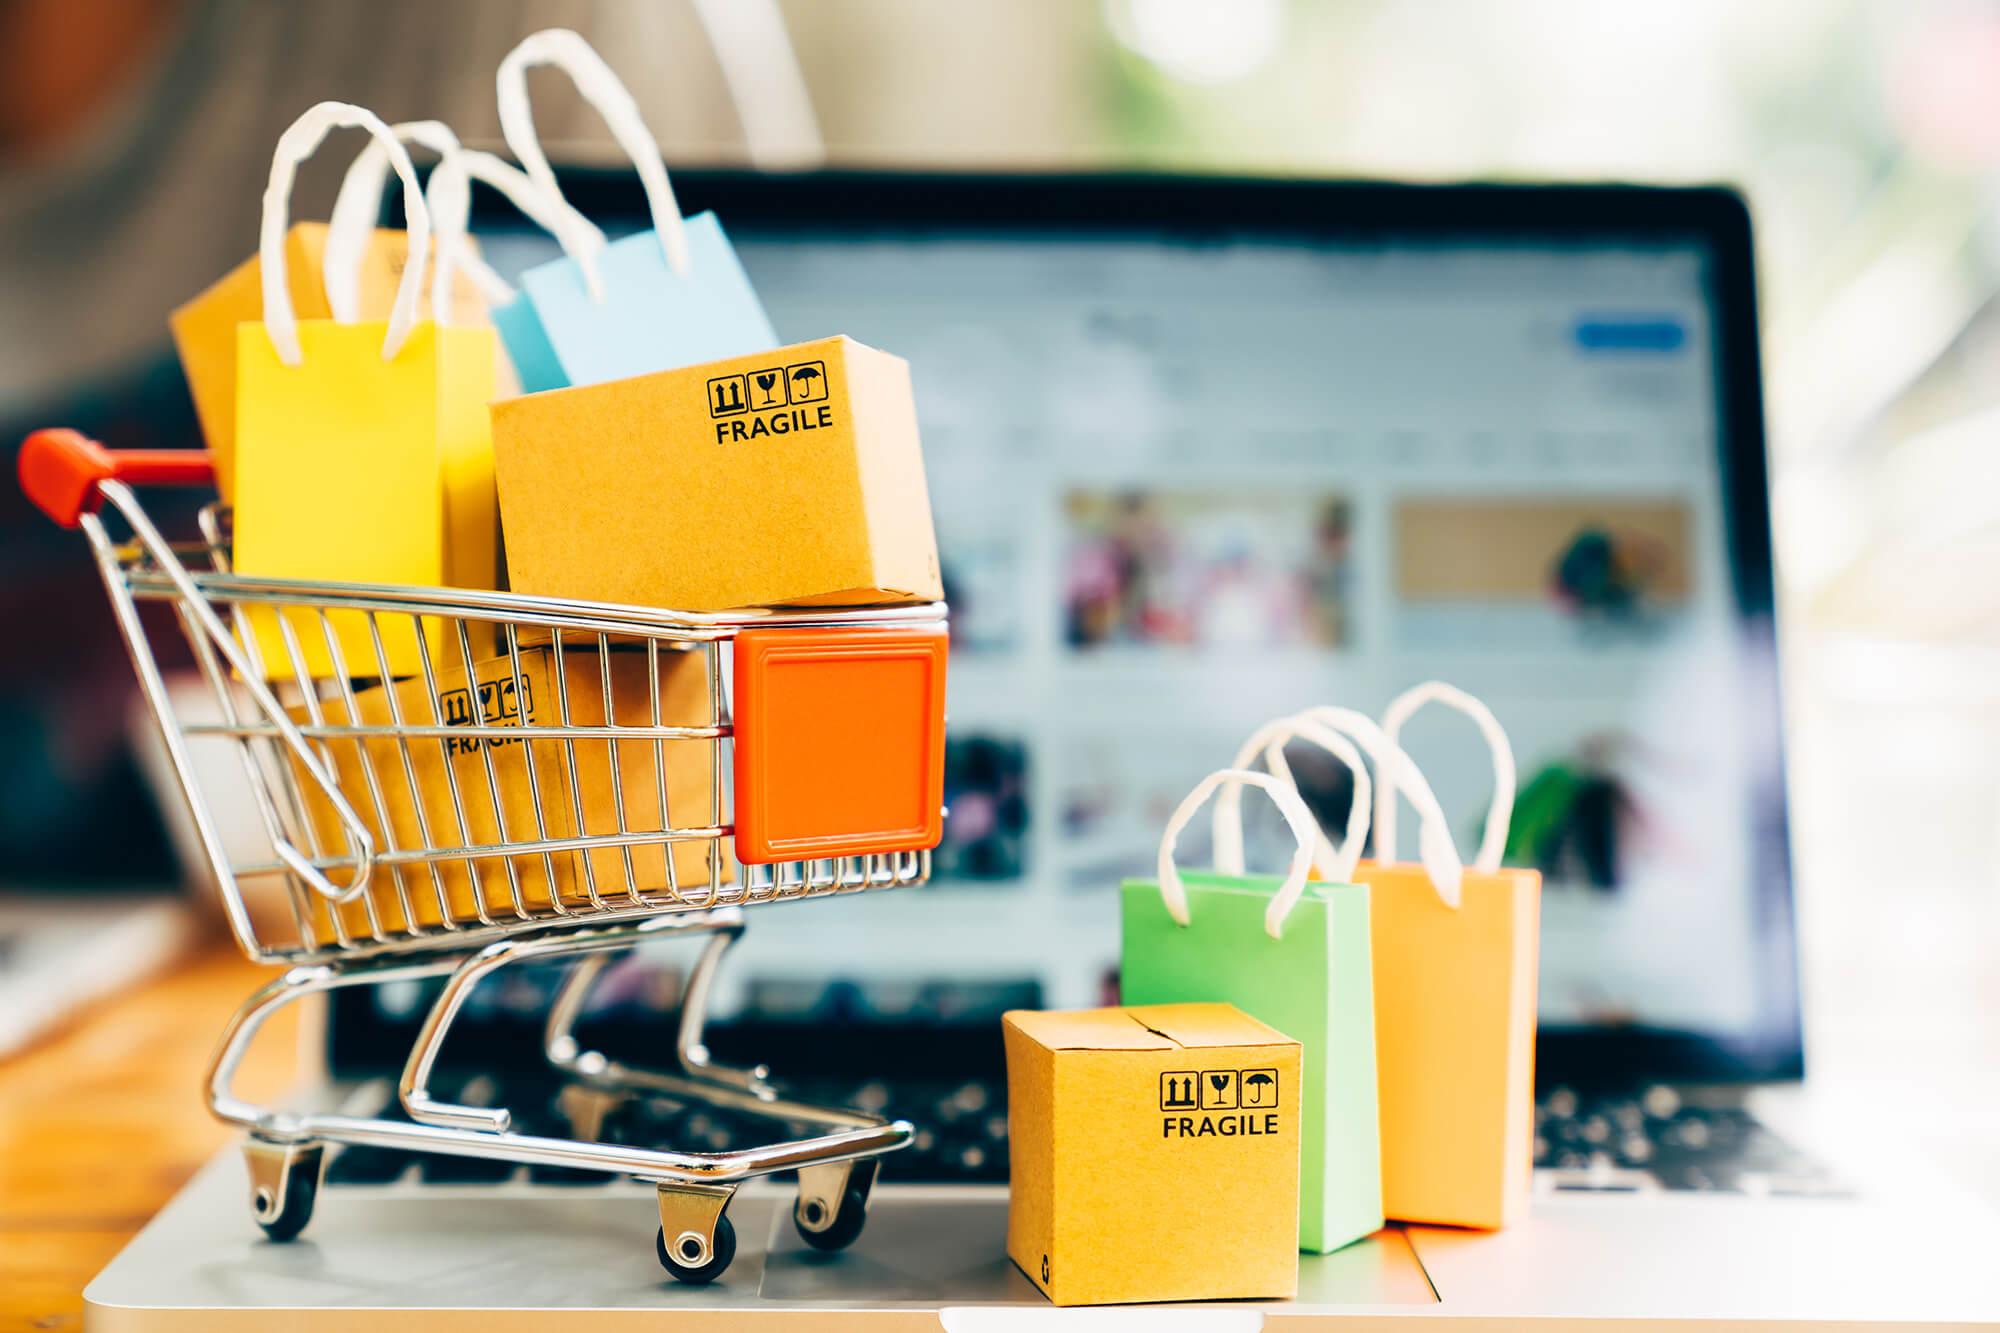 Los 5 temas principales para el mercado de WooCommerce de múltiples vendedores